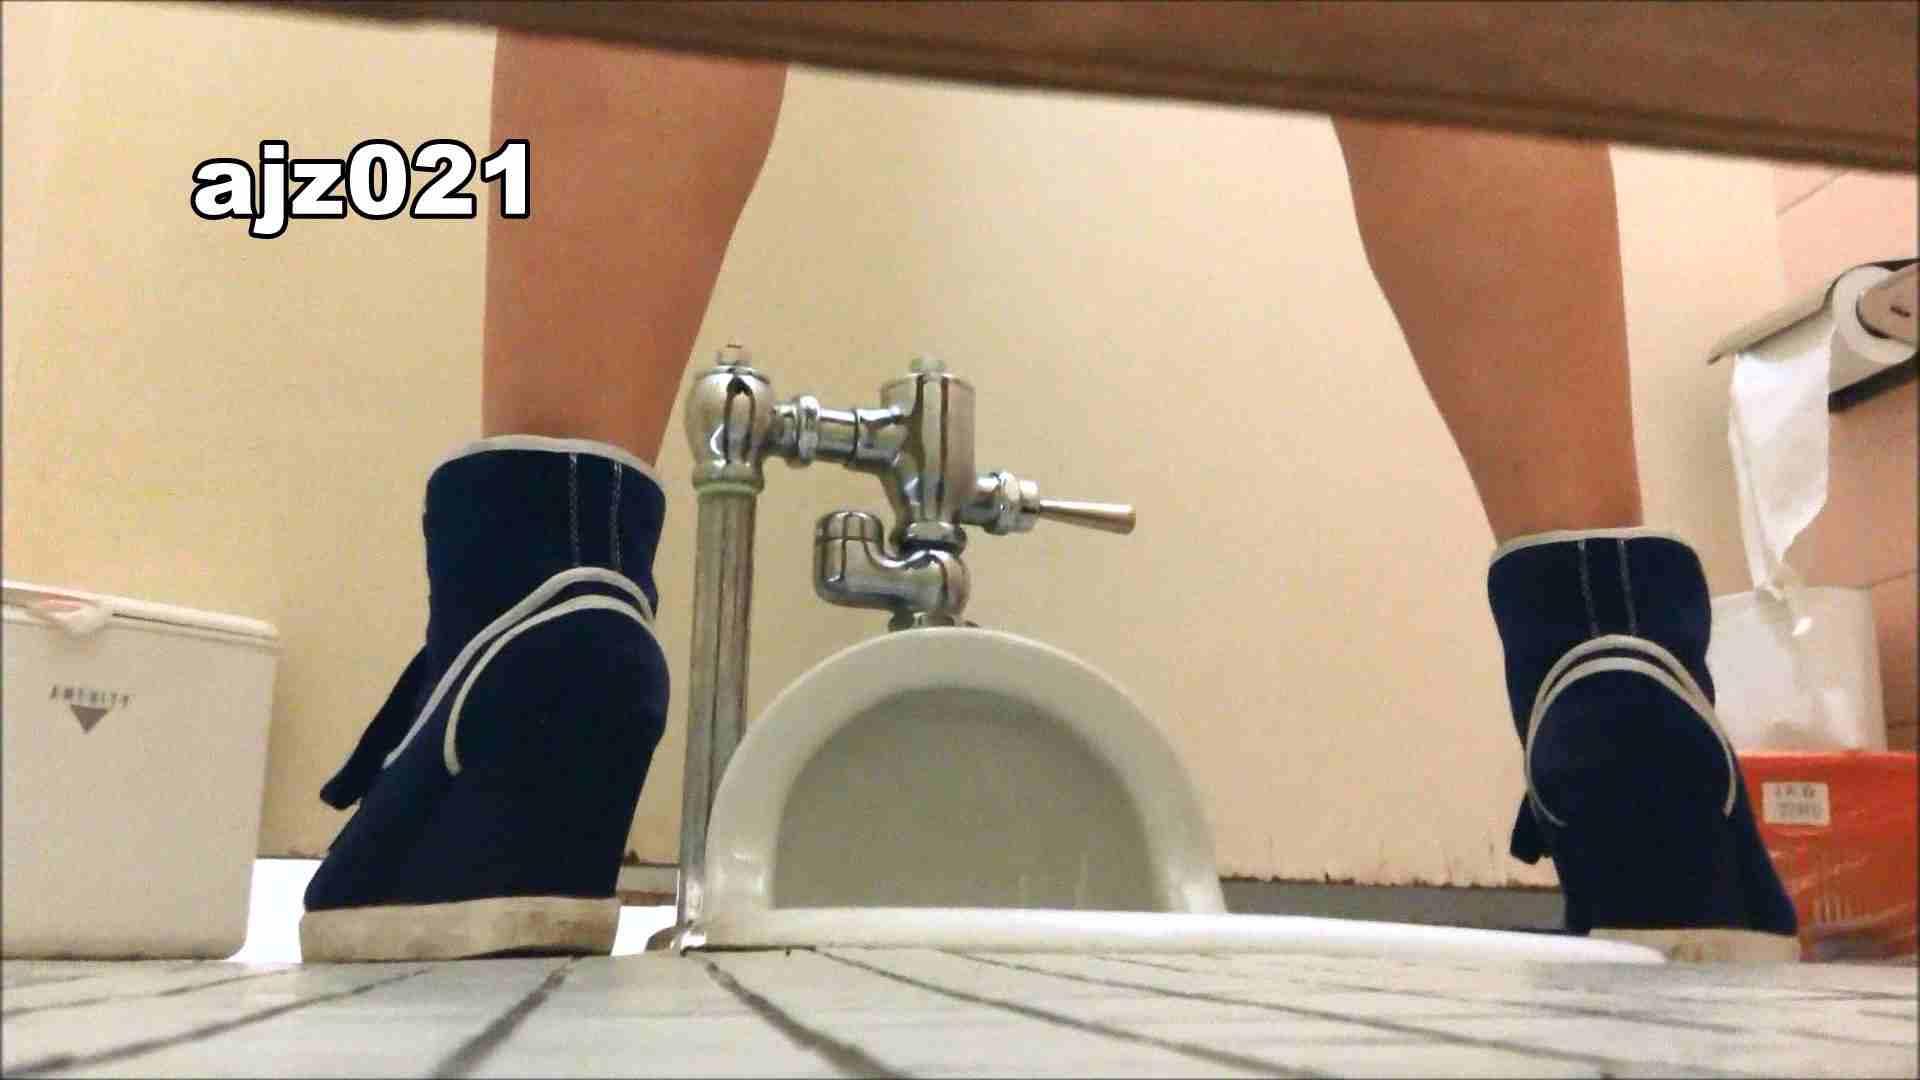 某有名大学女性洗面所 vol.21 OLのボディ スケベ動画紹介 80PIX 80